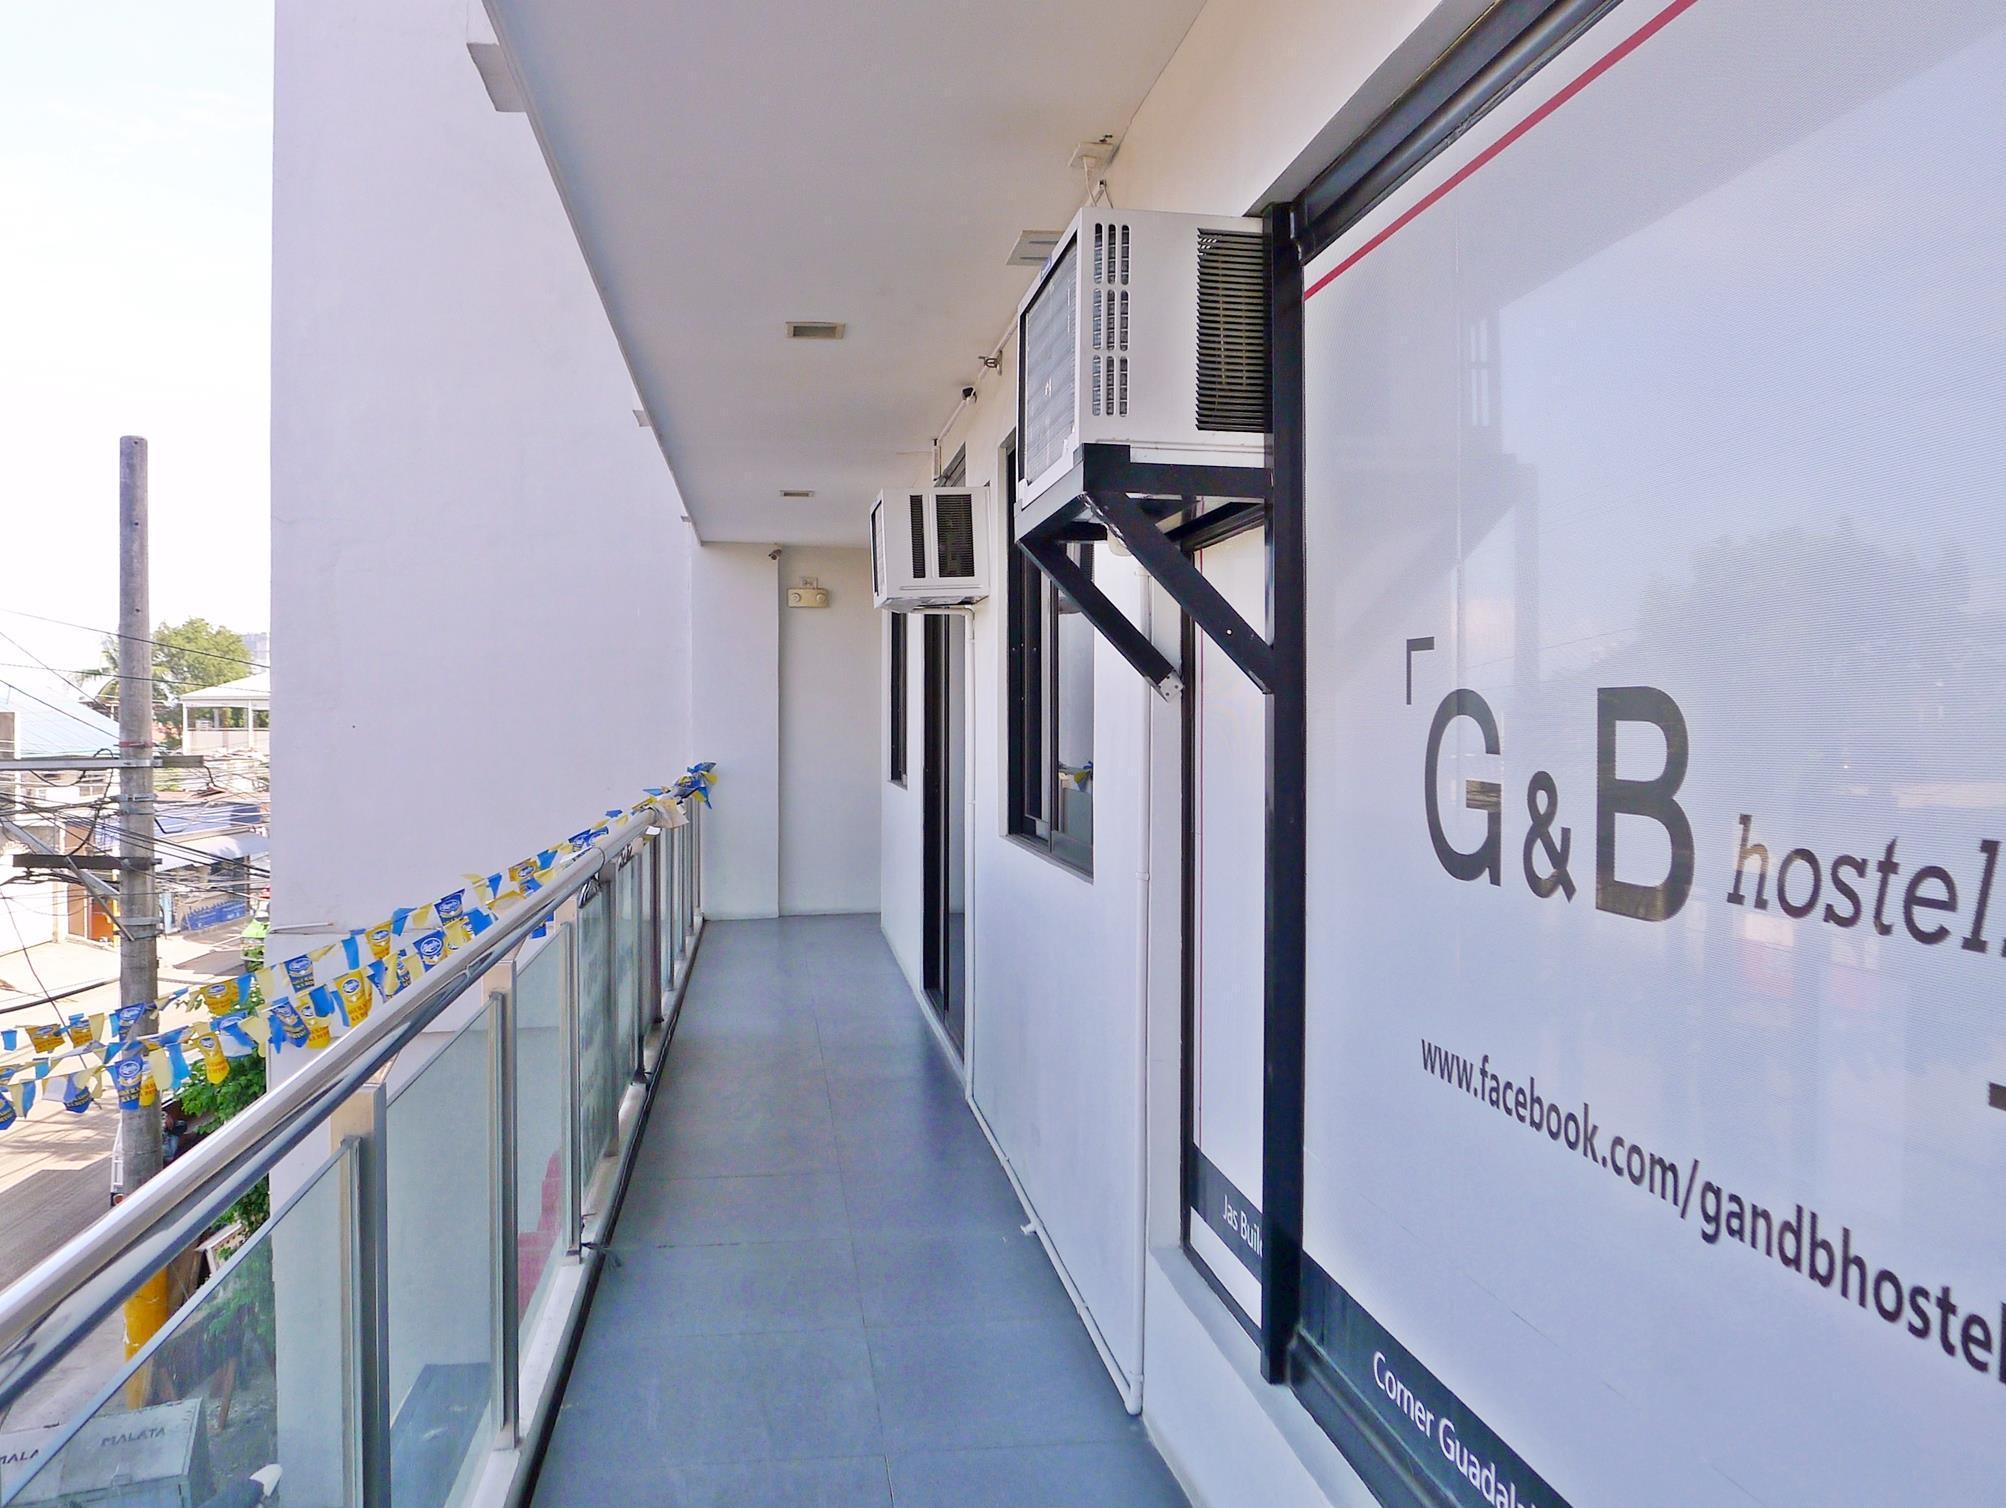 G&B ホステル5